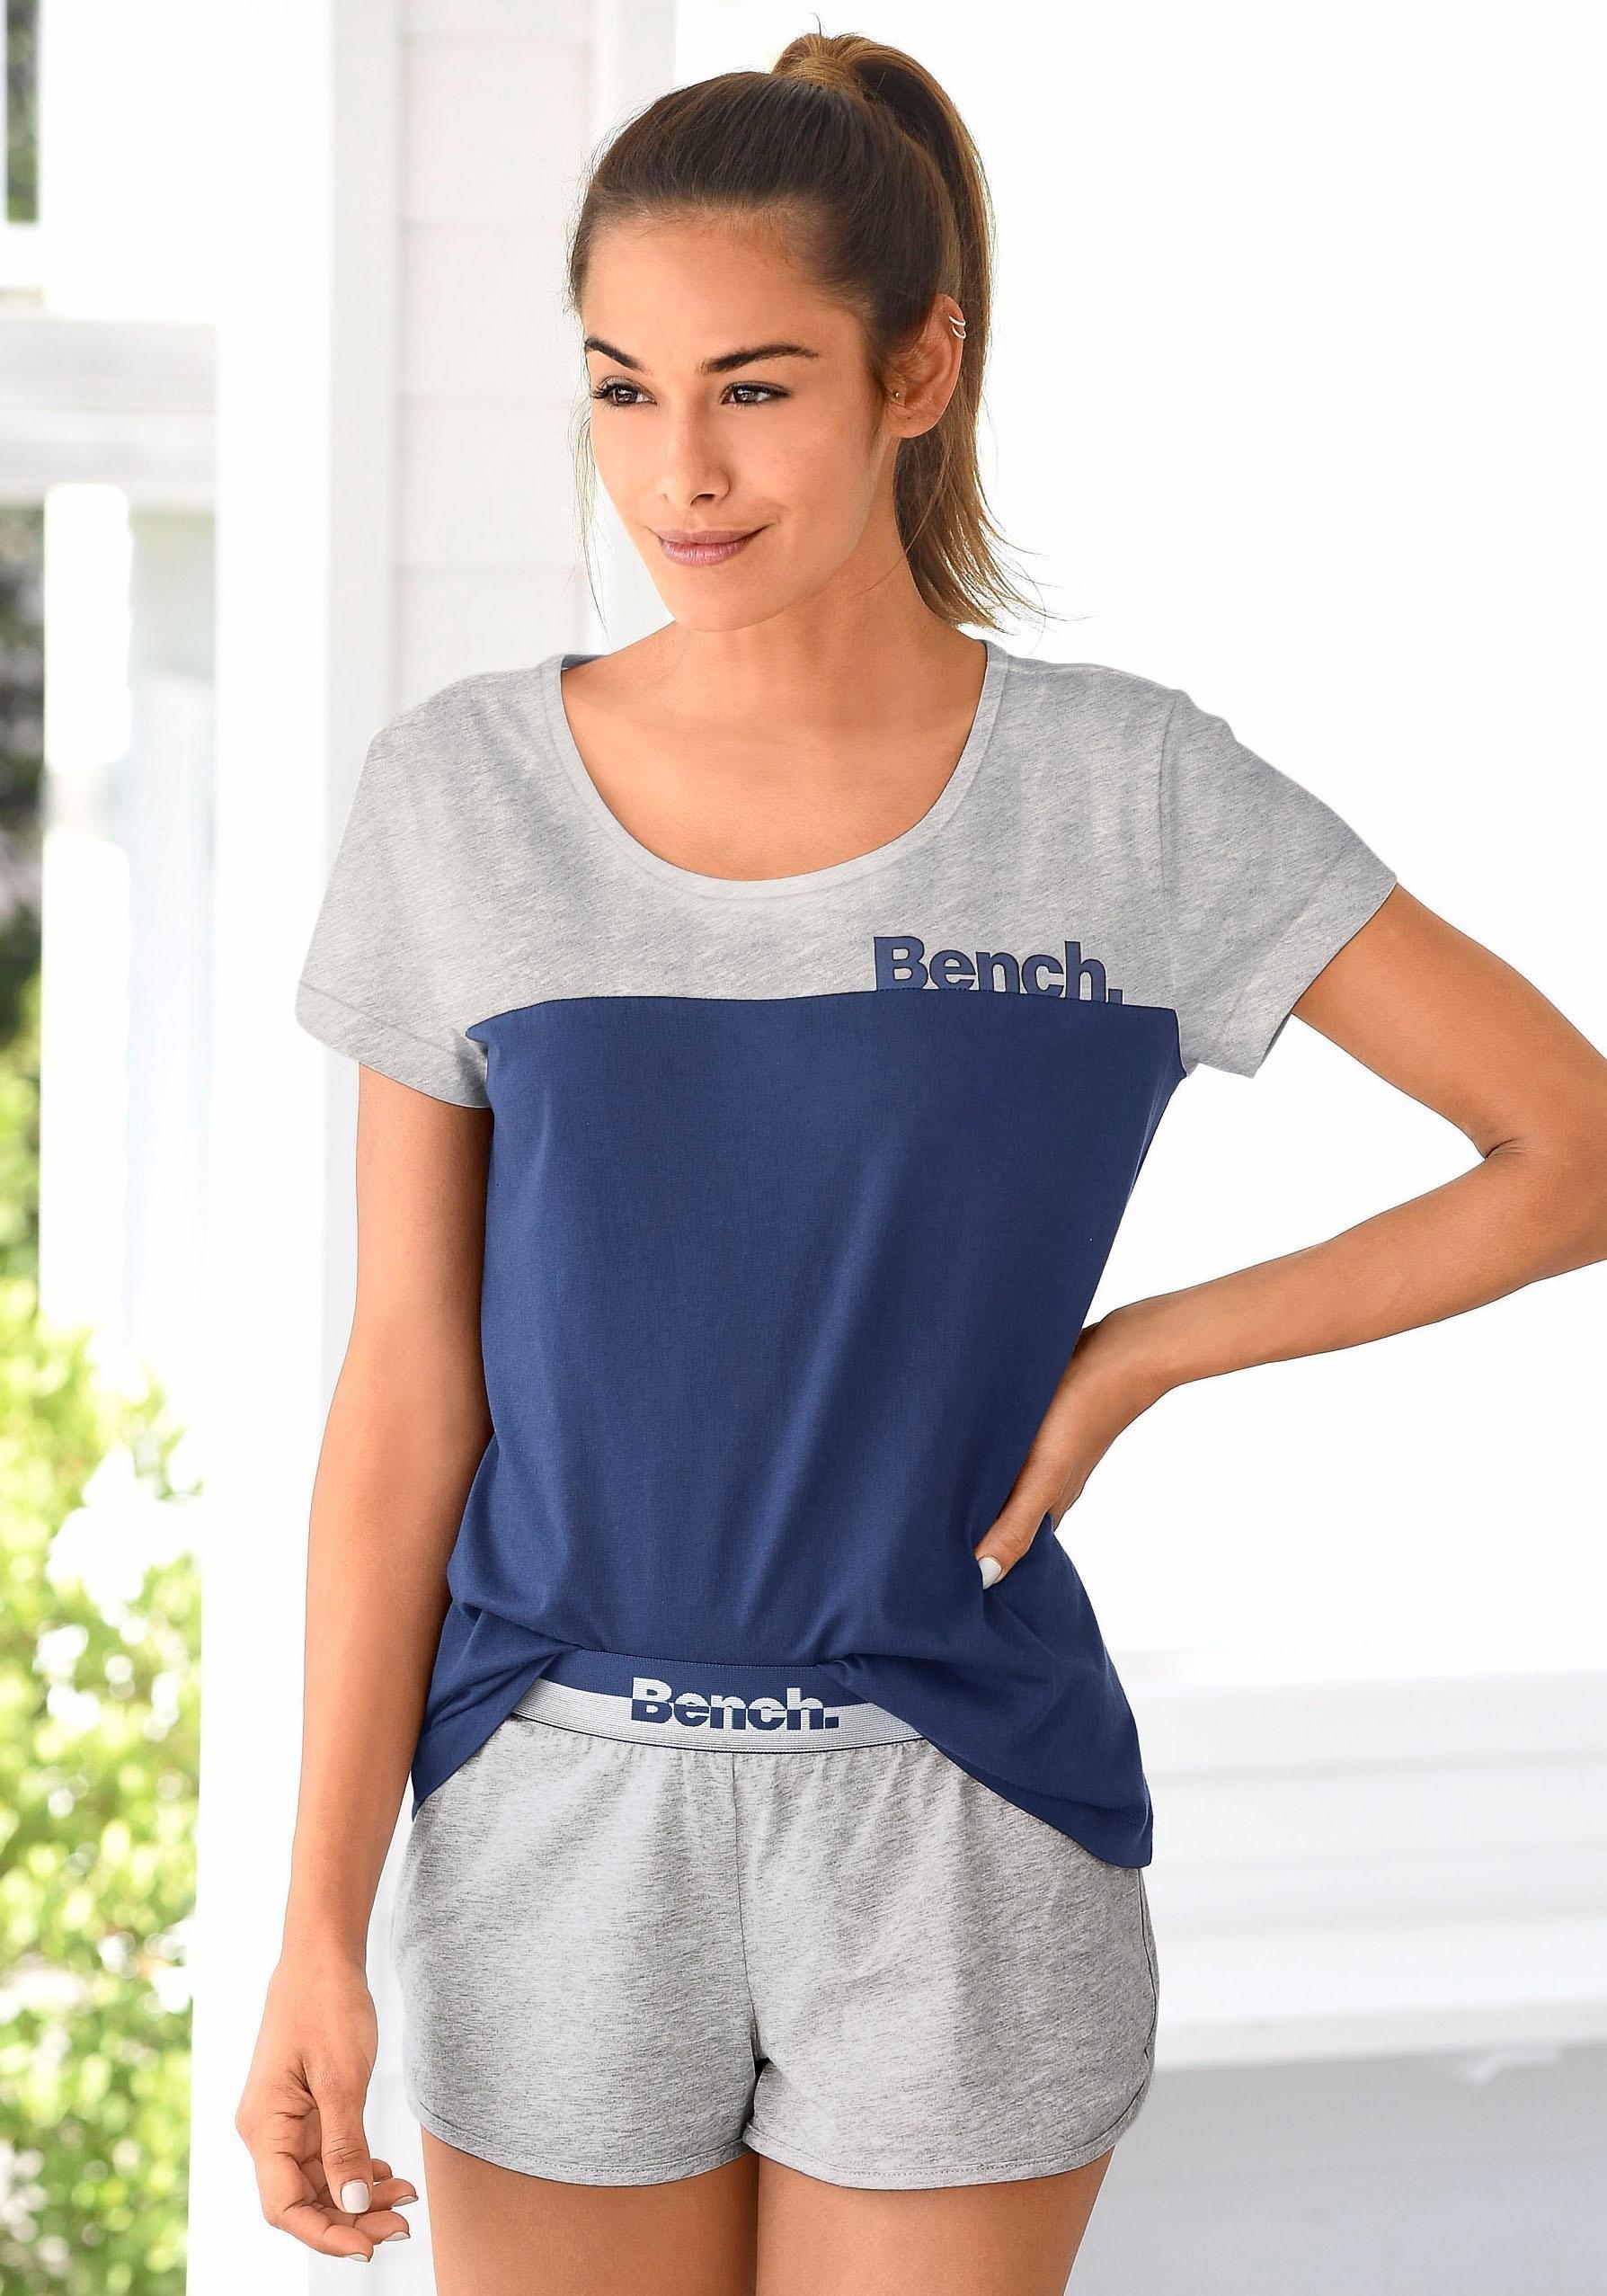 Bench. shortama in de webshop van Lascana kopen